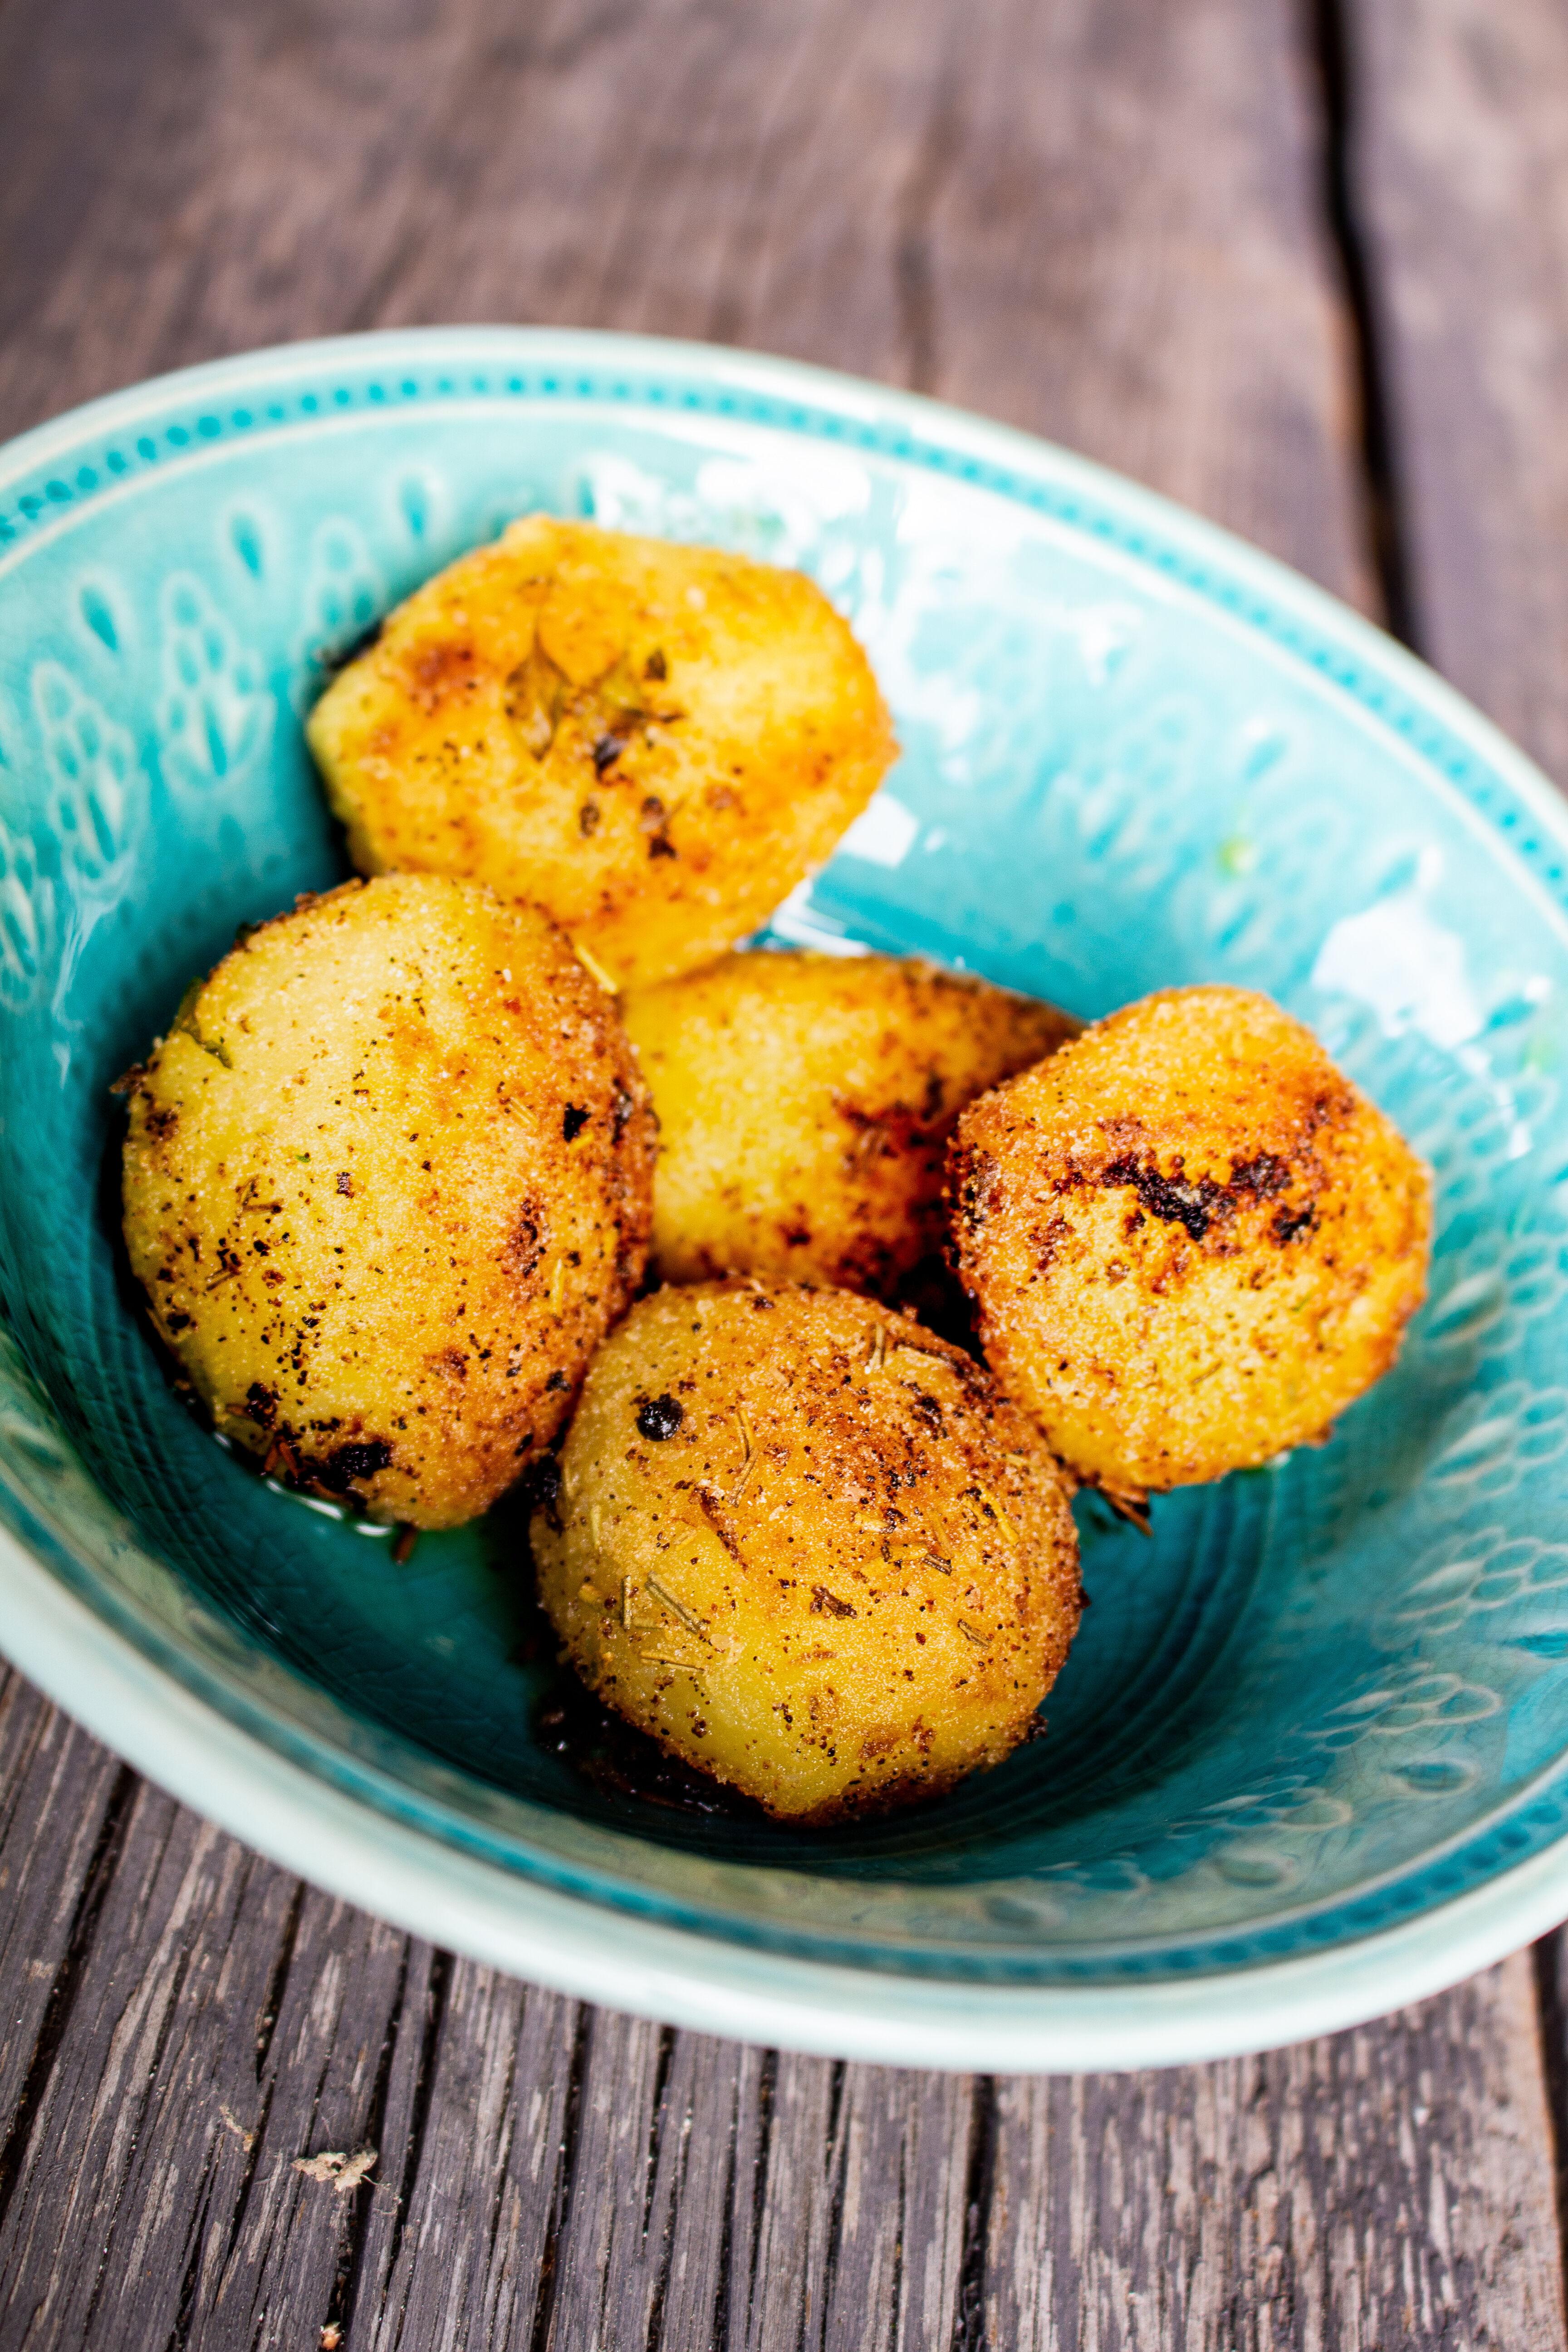 Krispig potatis | Nina Hermansen Niiinis Kitchenlife